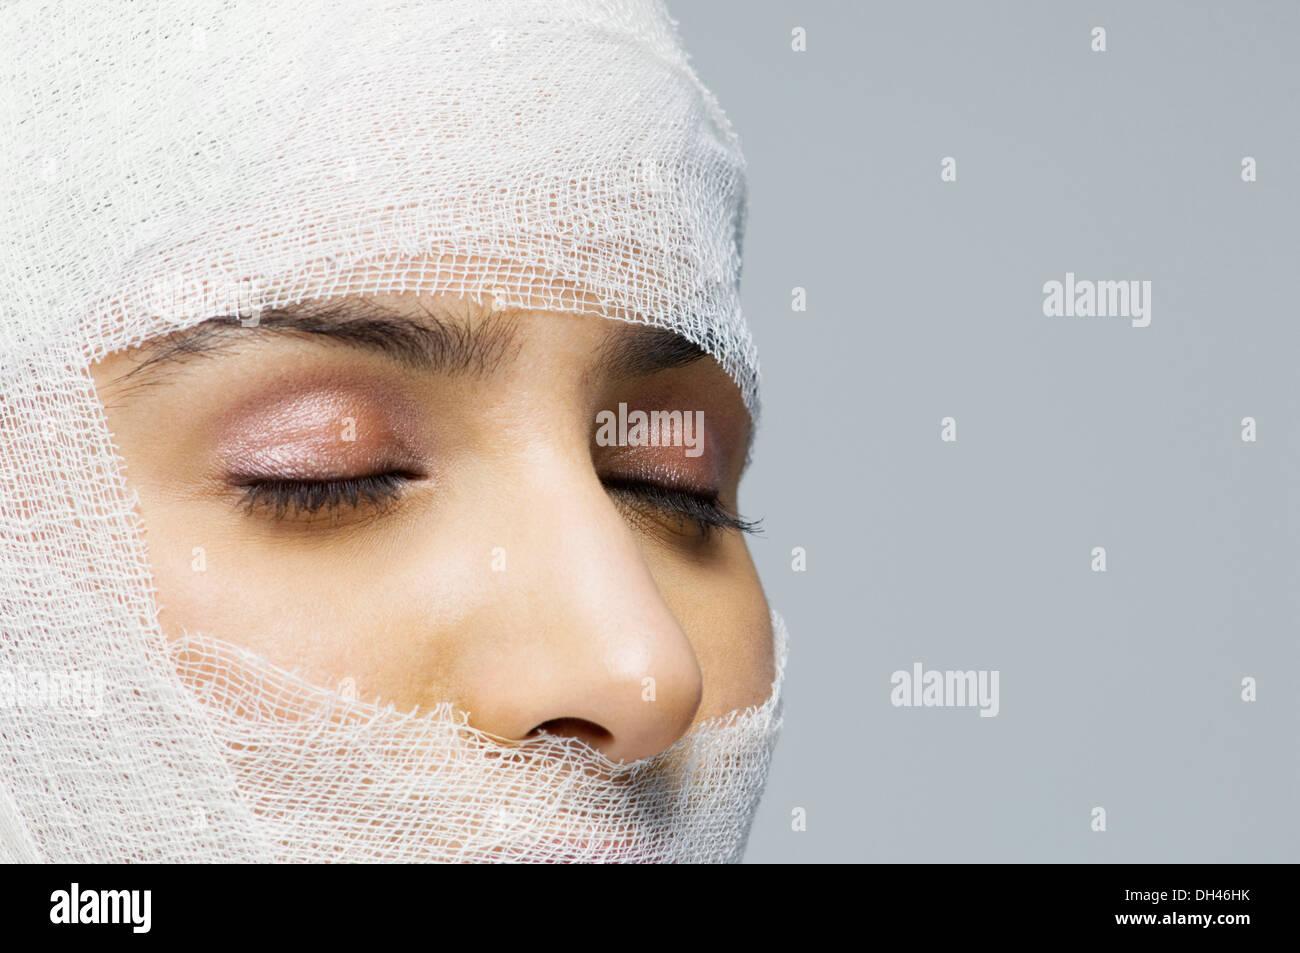 Visage de femme enveloppée avec un bandage Banque D'Images